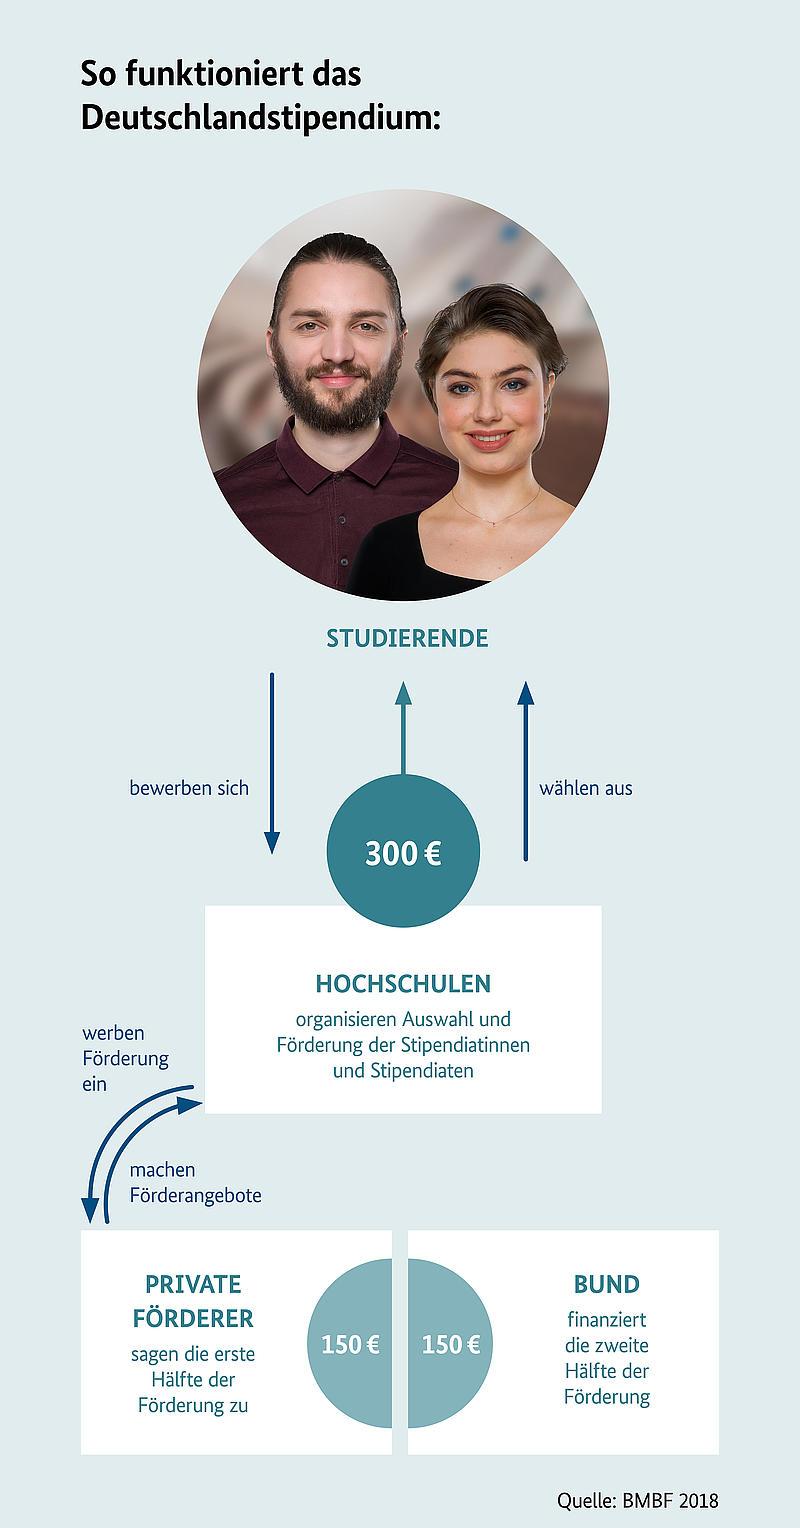 Infografik Funktionsweise Deutschlandstipendium